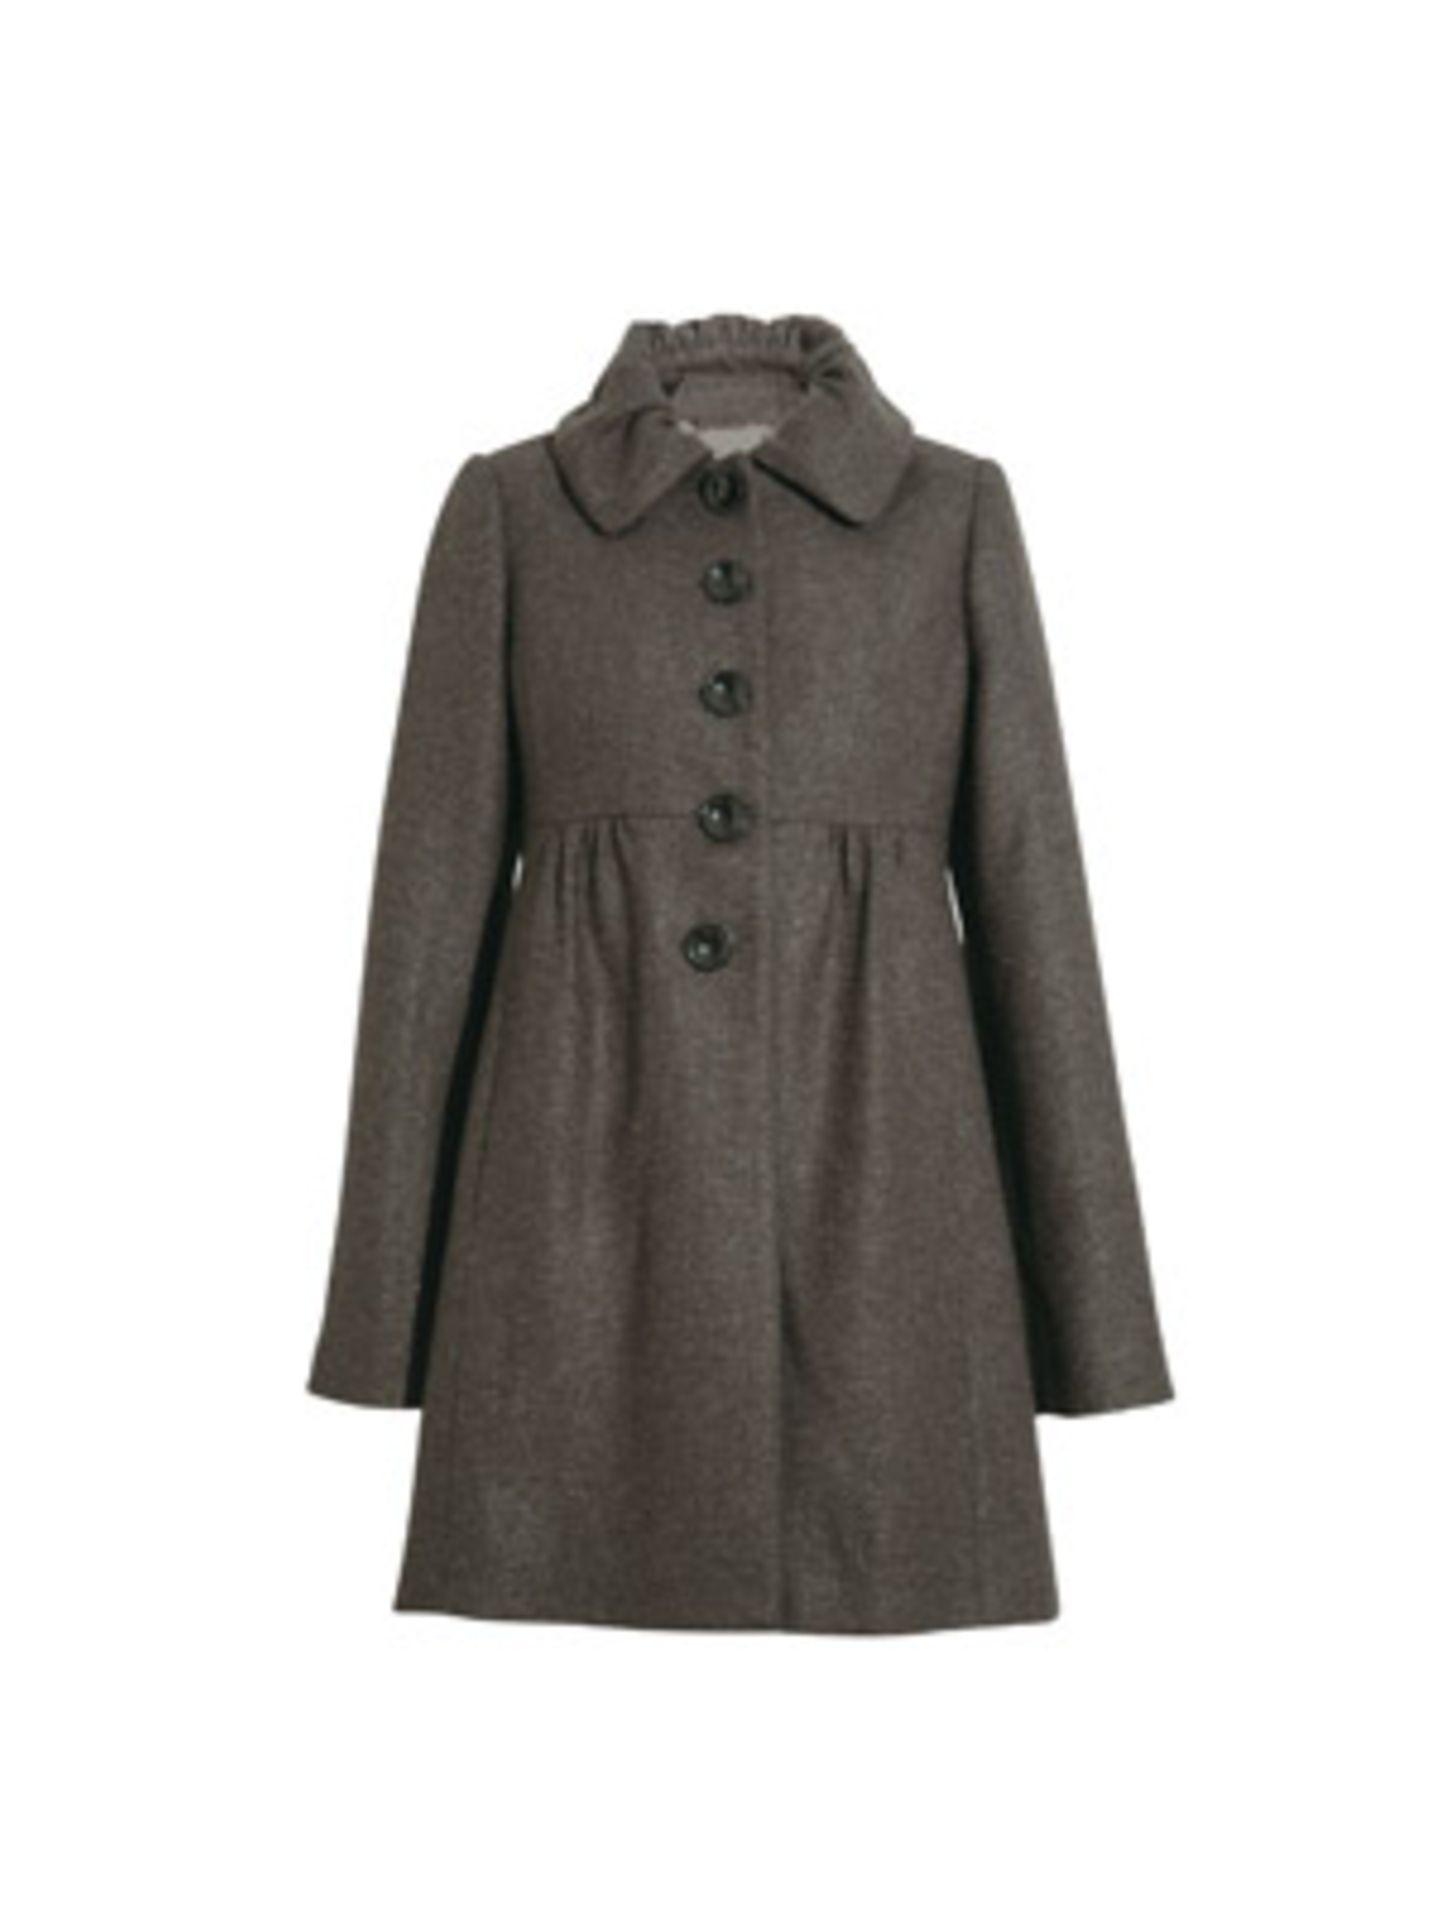 Mädchenhafter Mantel mit verspieltem Kragen und hoher Taille von Hallhuber, um 200 Euro.